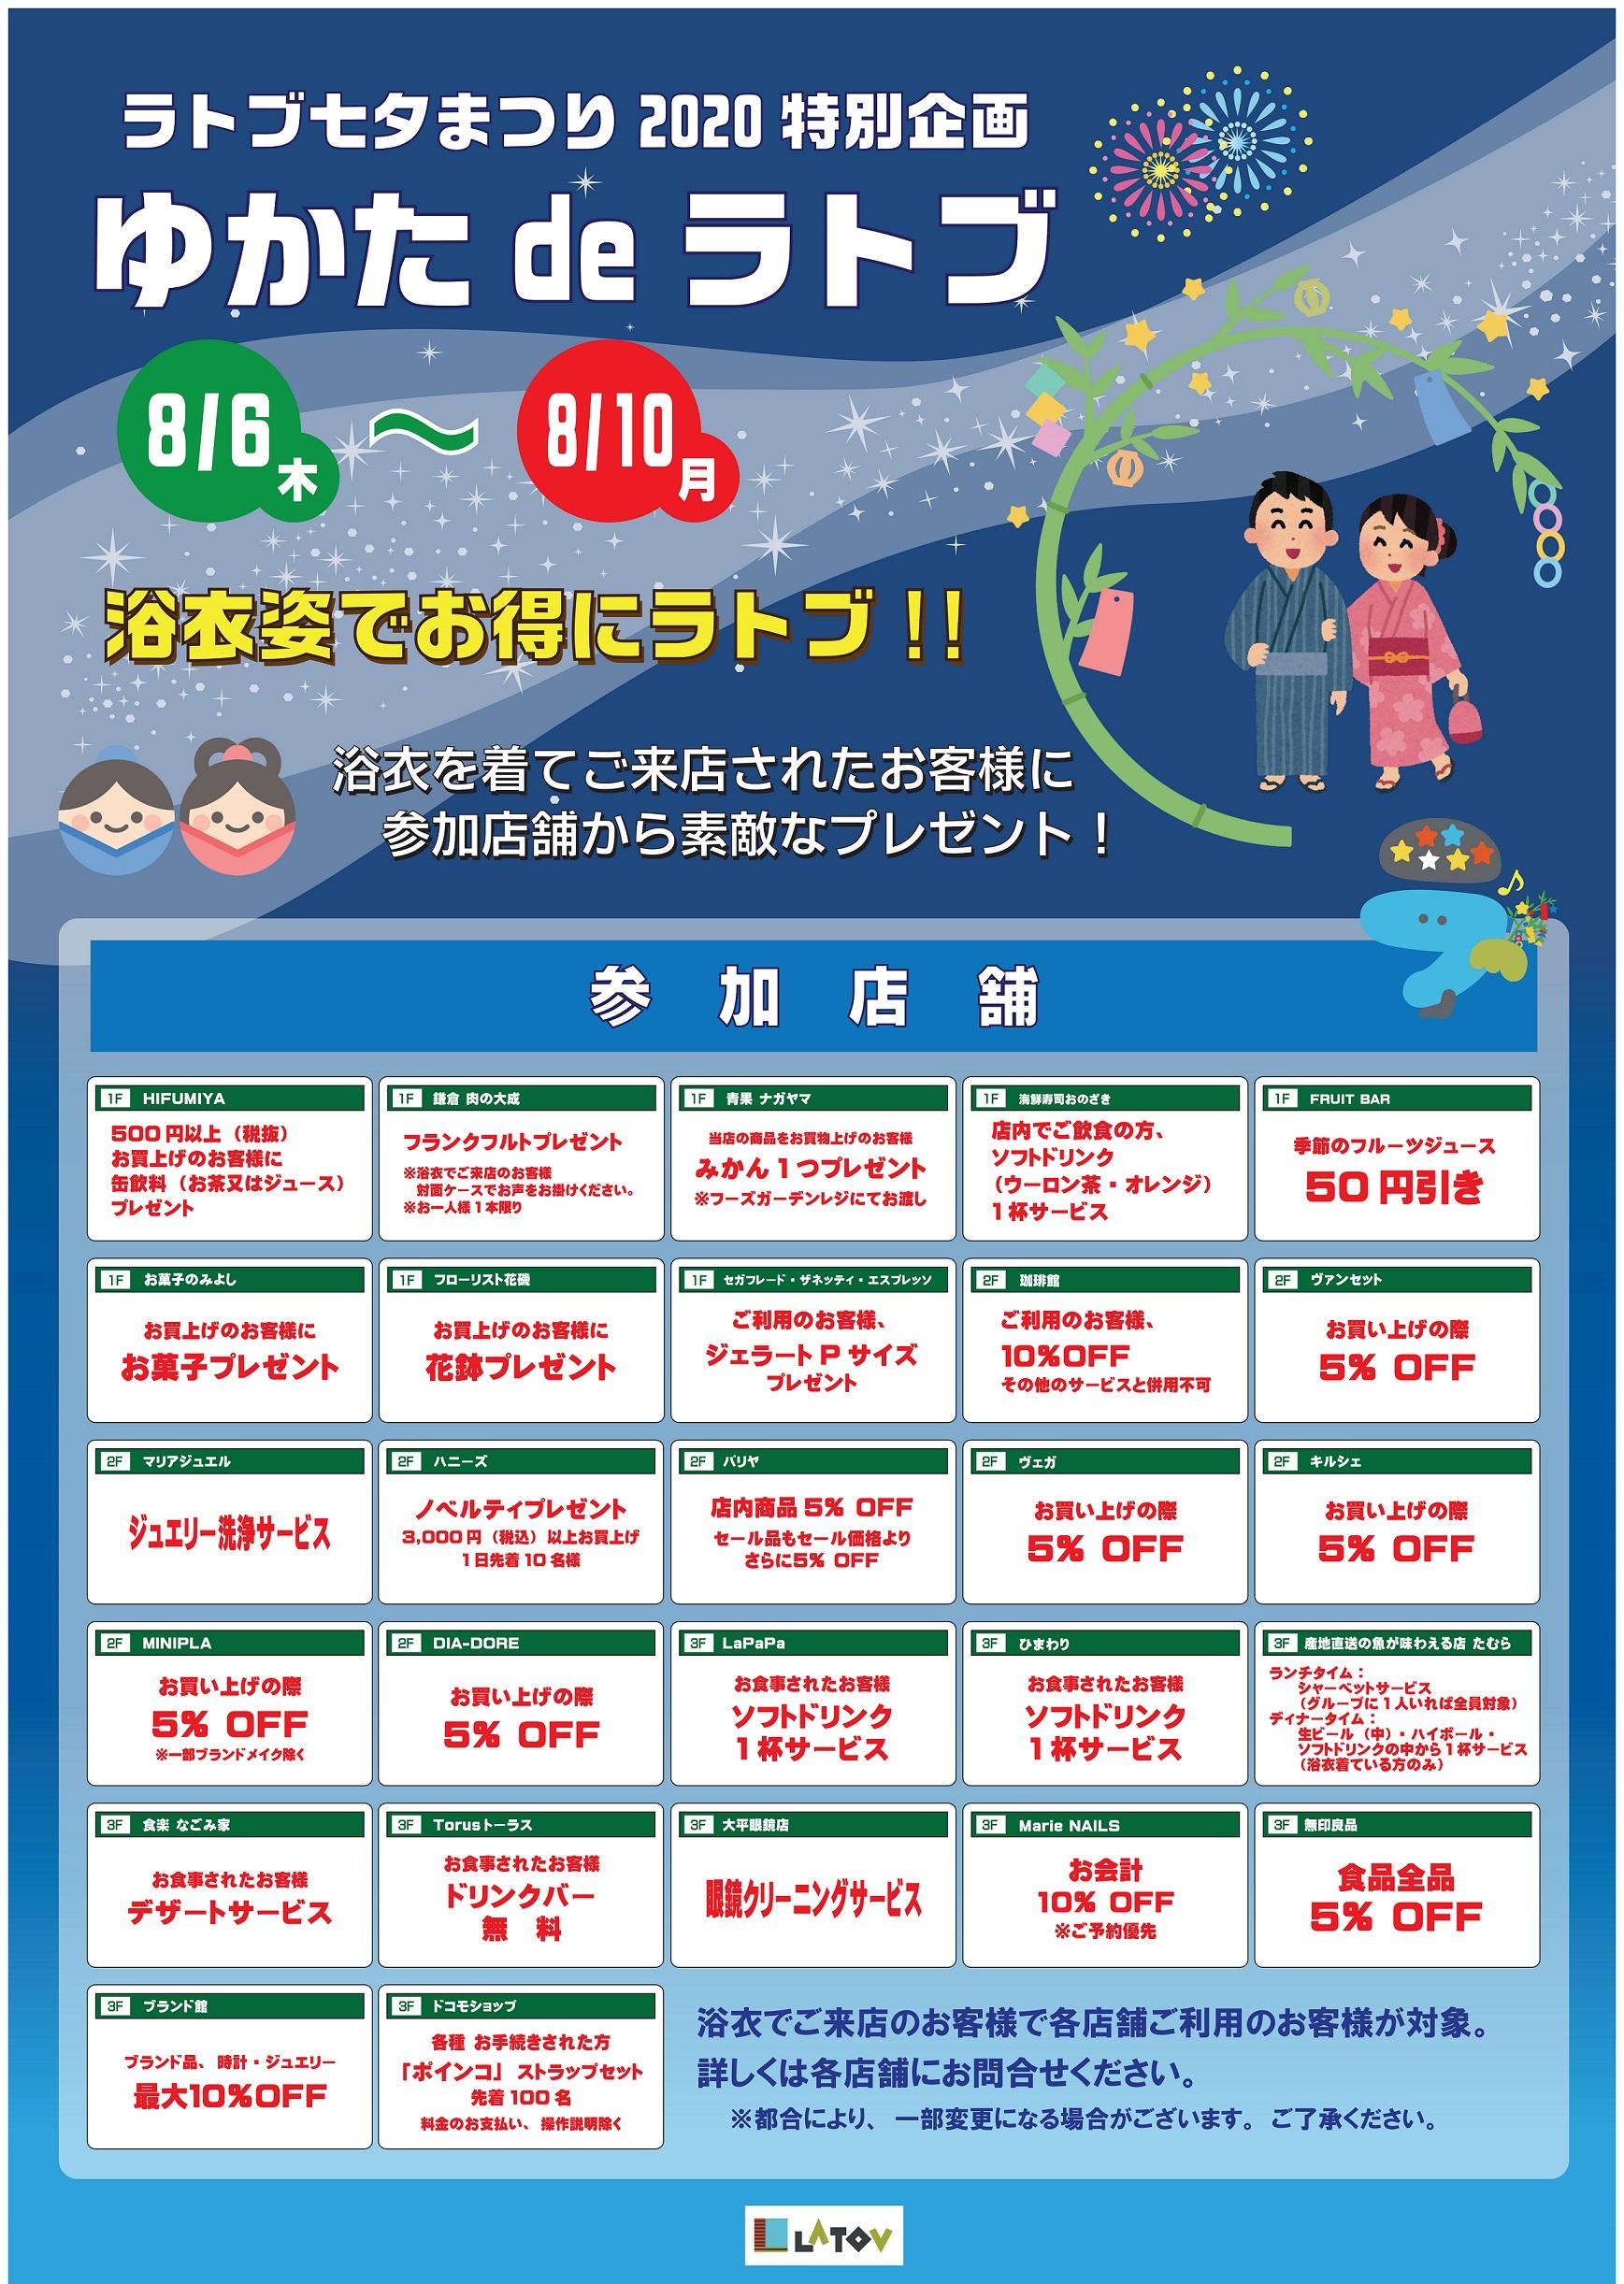 【ゆかた de ラトブ】8/6~10